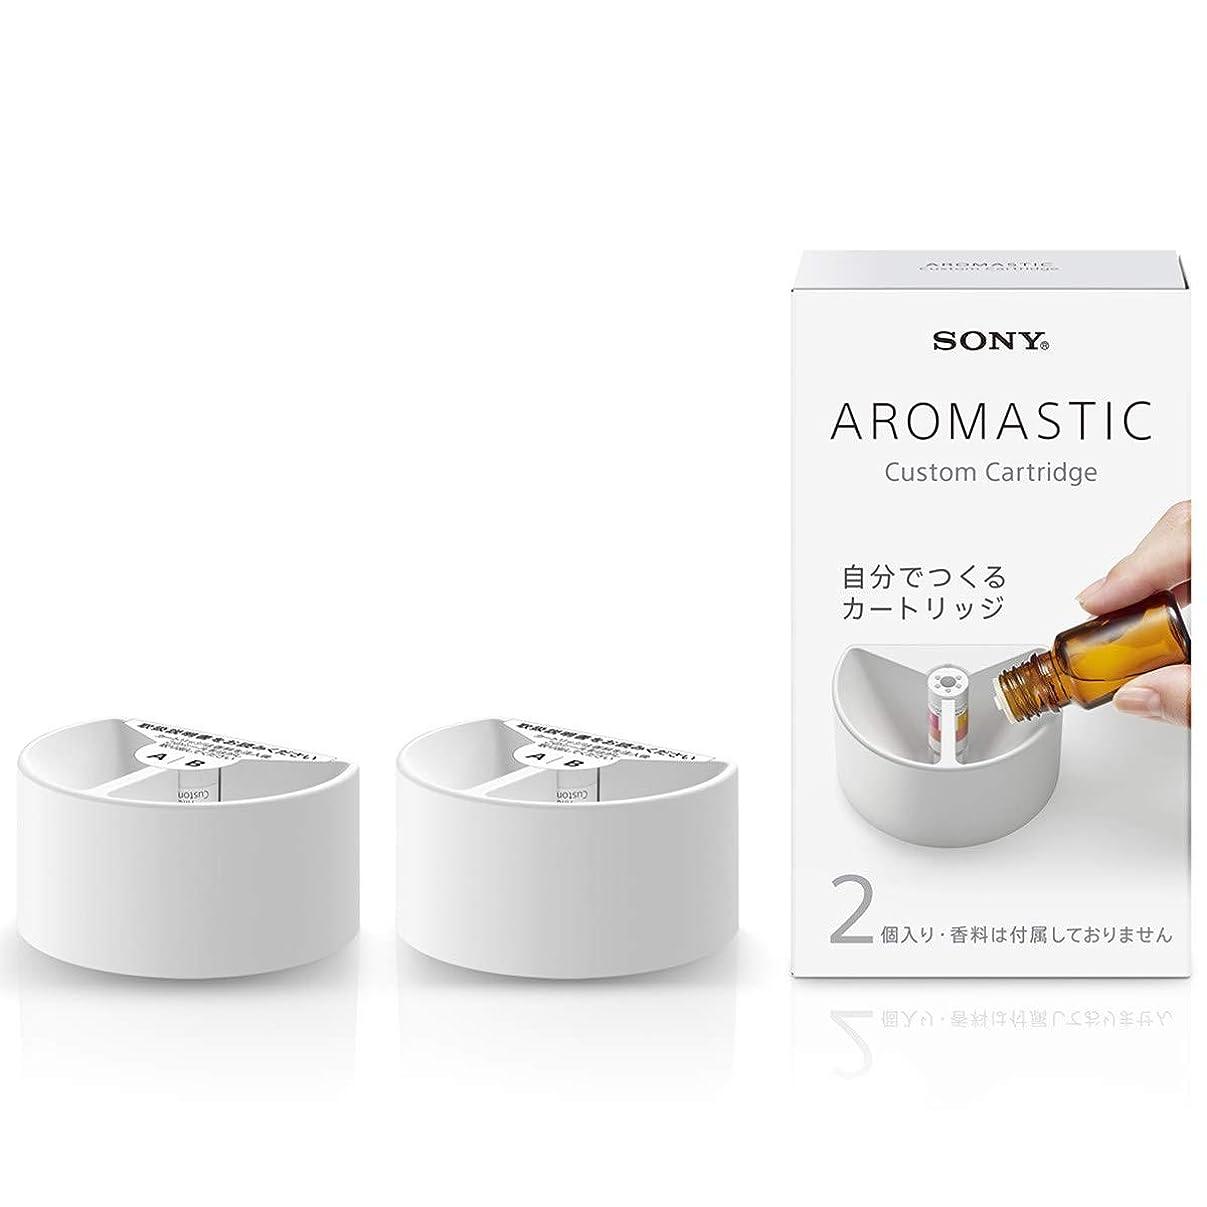 トラップ魂復讐AROMASTIC Custom Cartridge(カスタムカートリッジ) OE-SC001